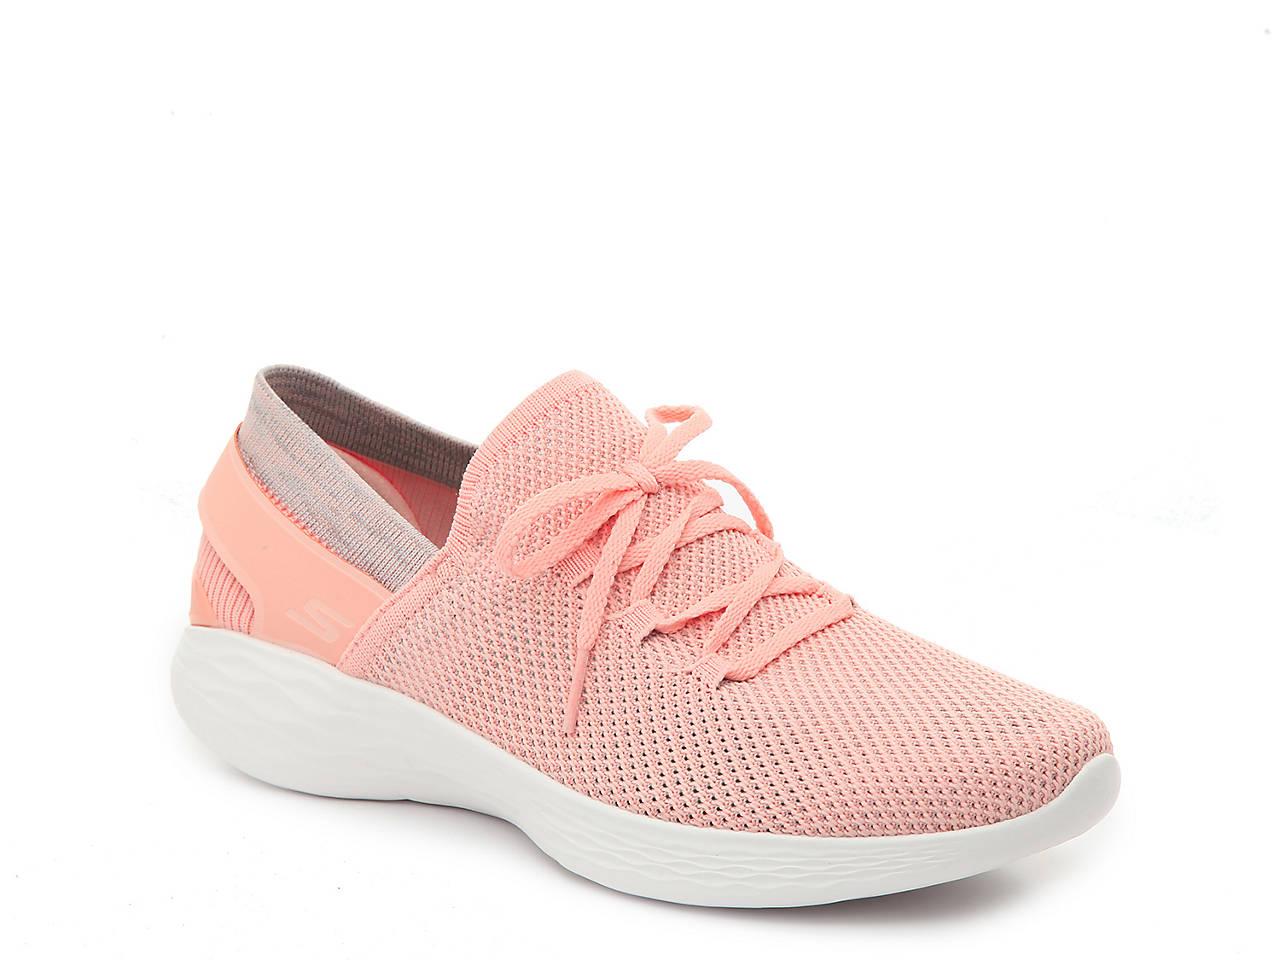 skechers shoes sandals